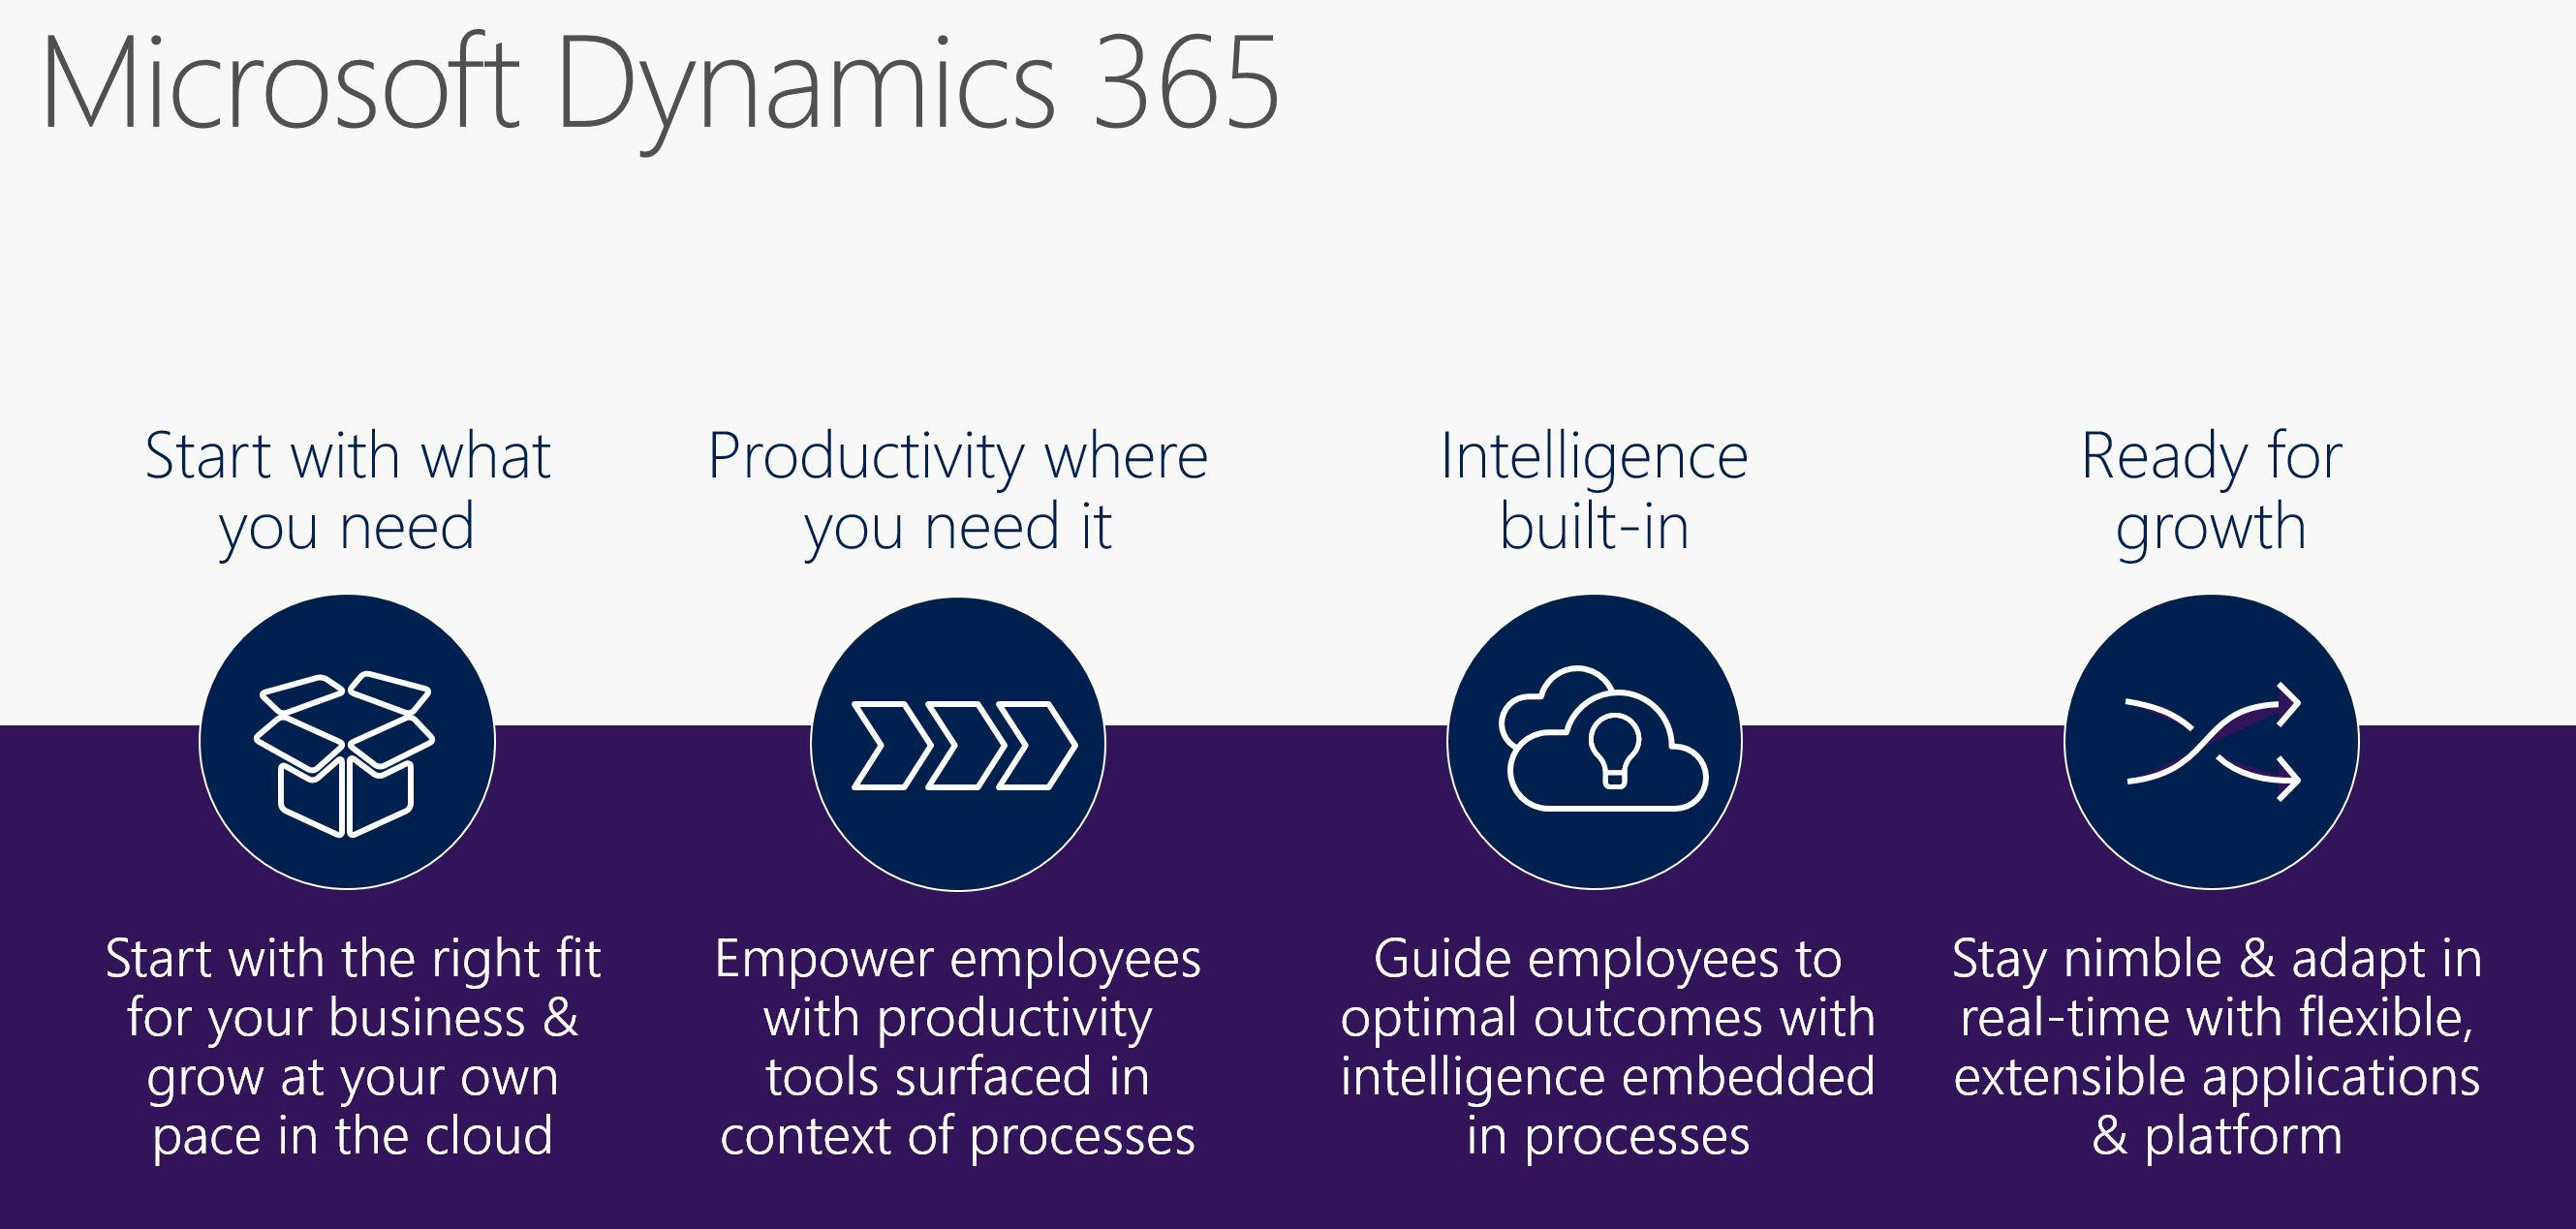 Introducing Microsoft Dynamics 365 - Dyn365Pros